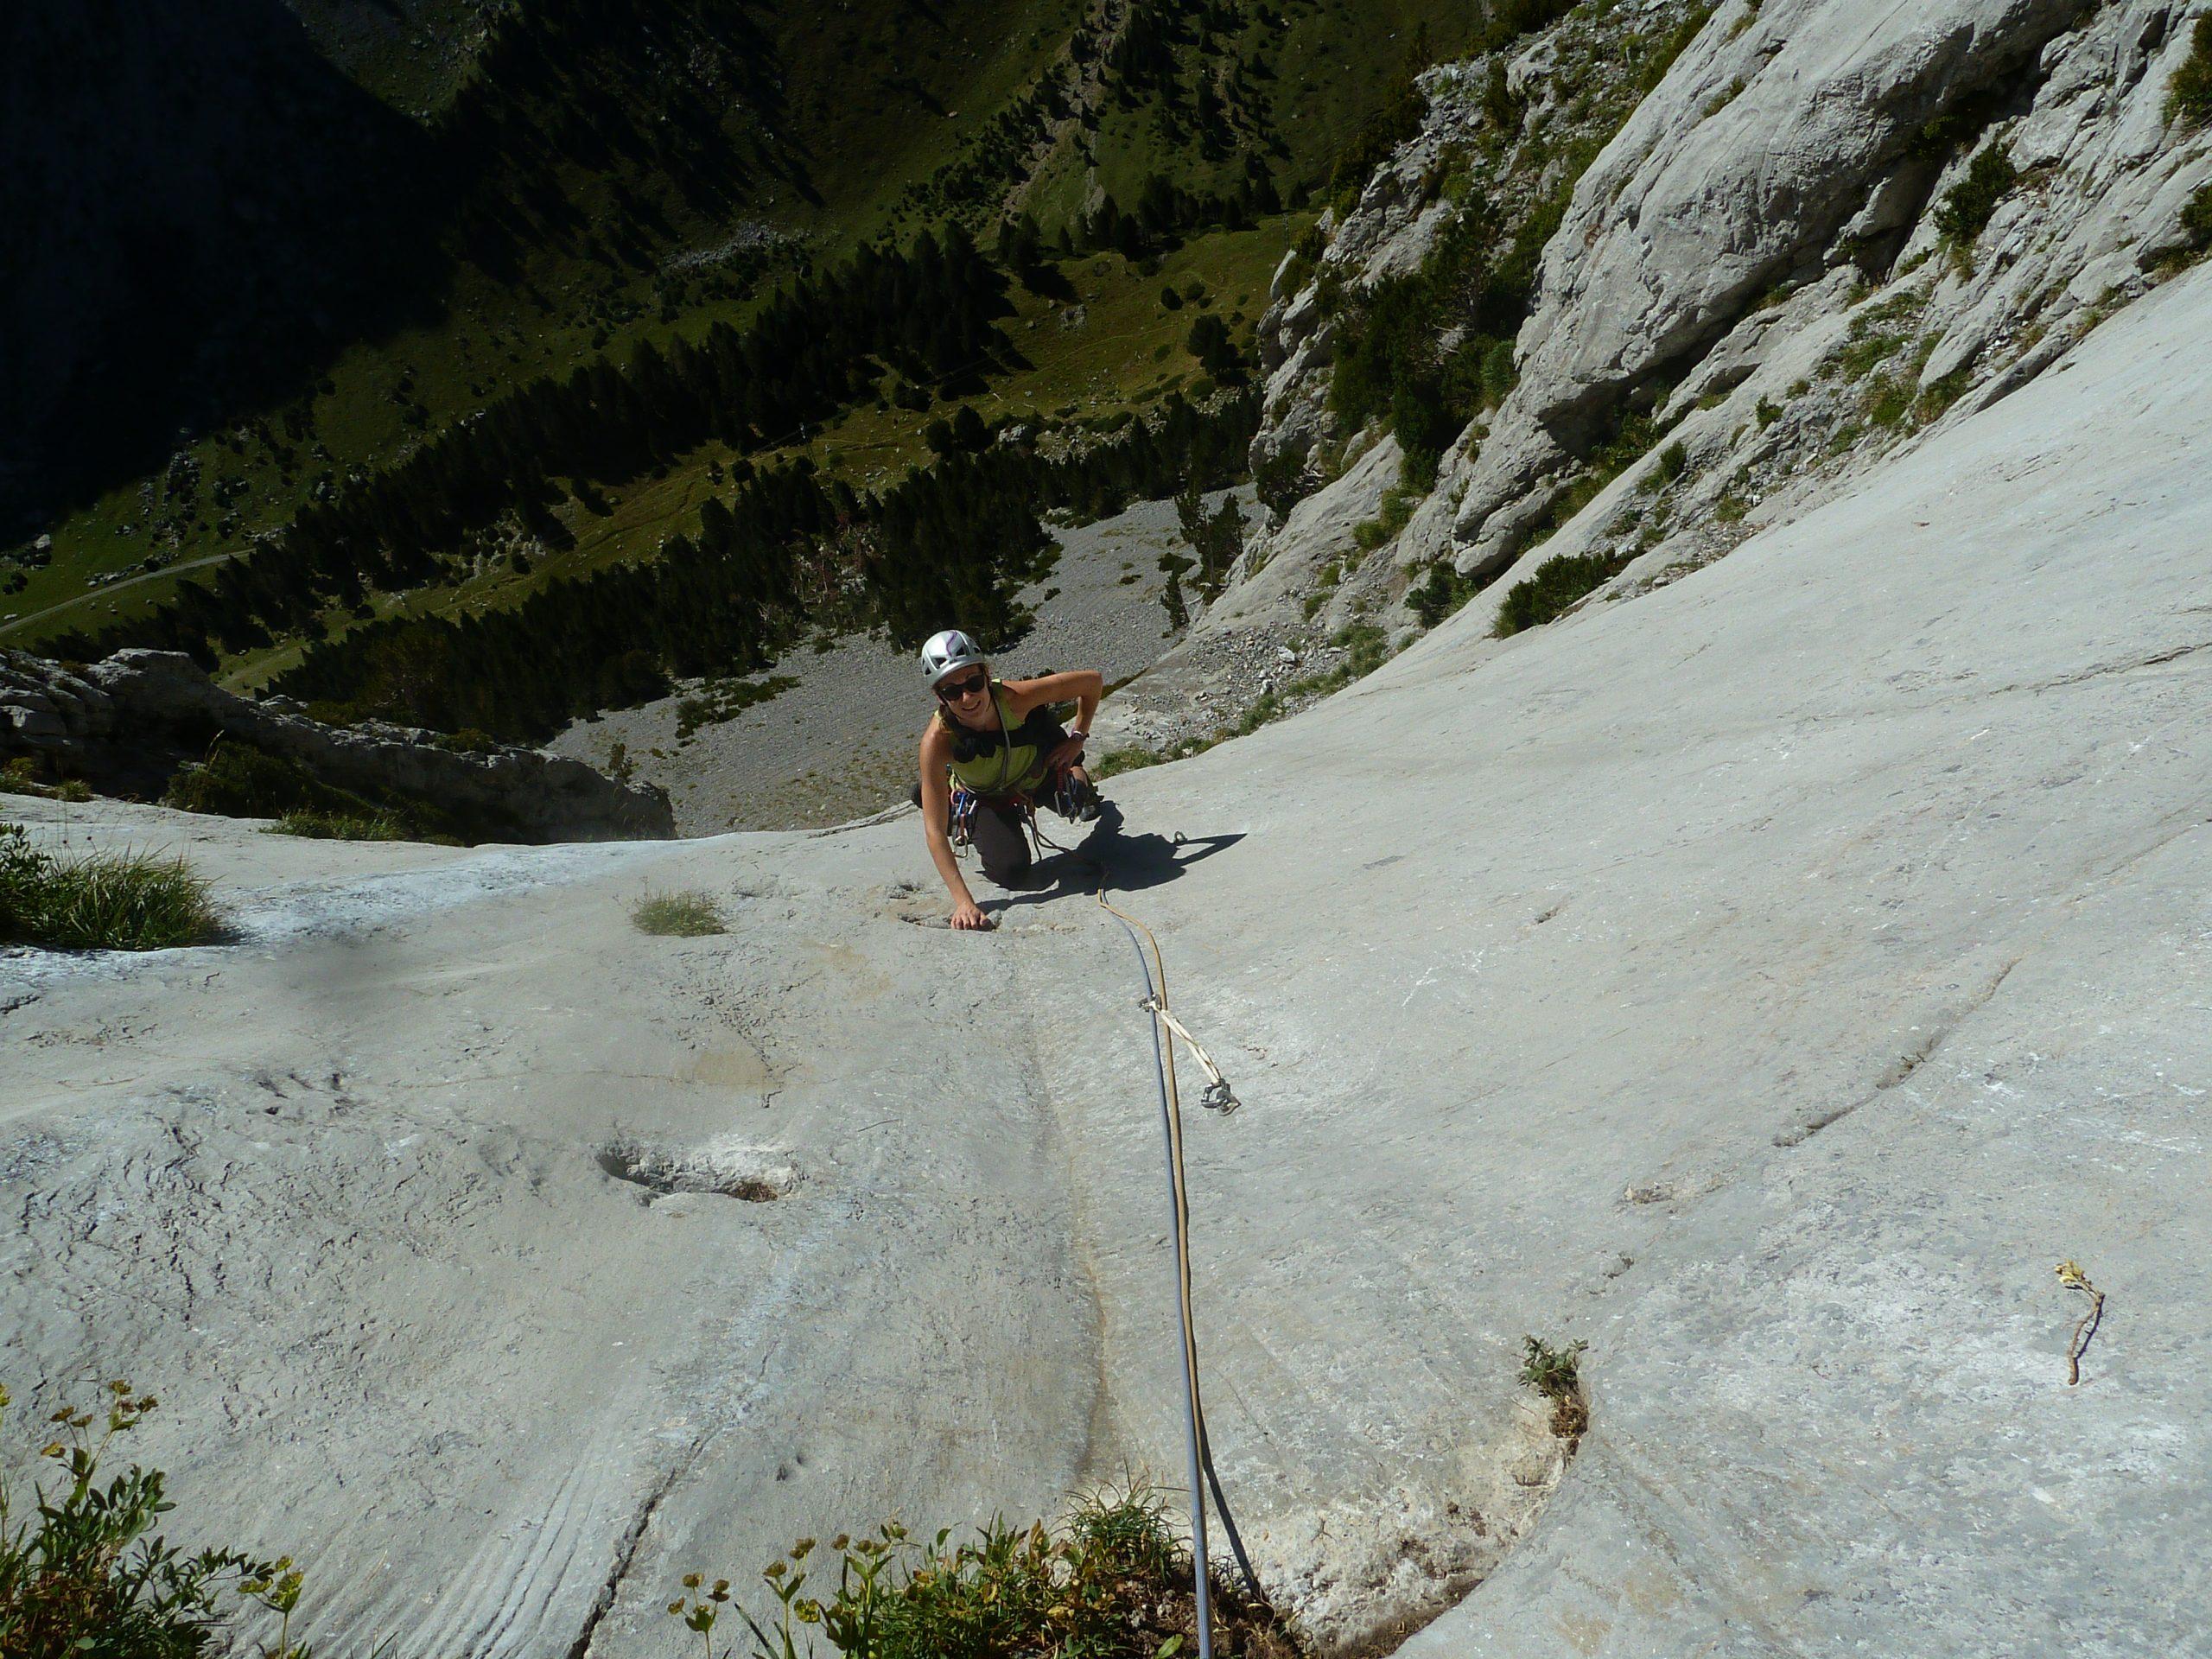 Escalada en Canfranc y Valle del Tena. Valle de Canfranc al Tobazo y Valle de Tena a la Peña Foratata